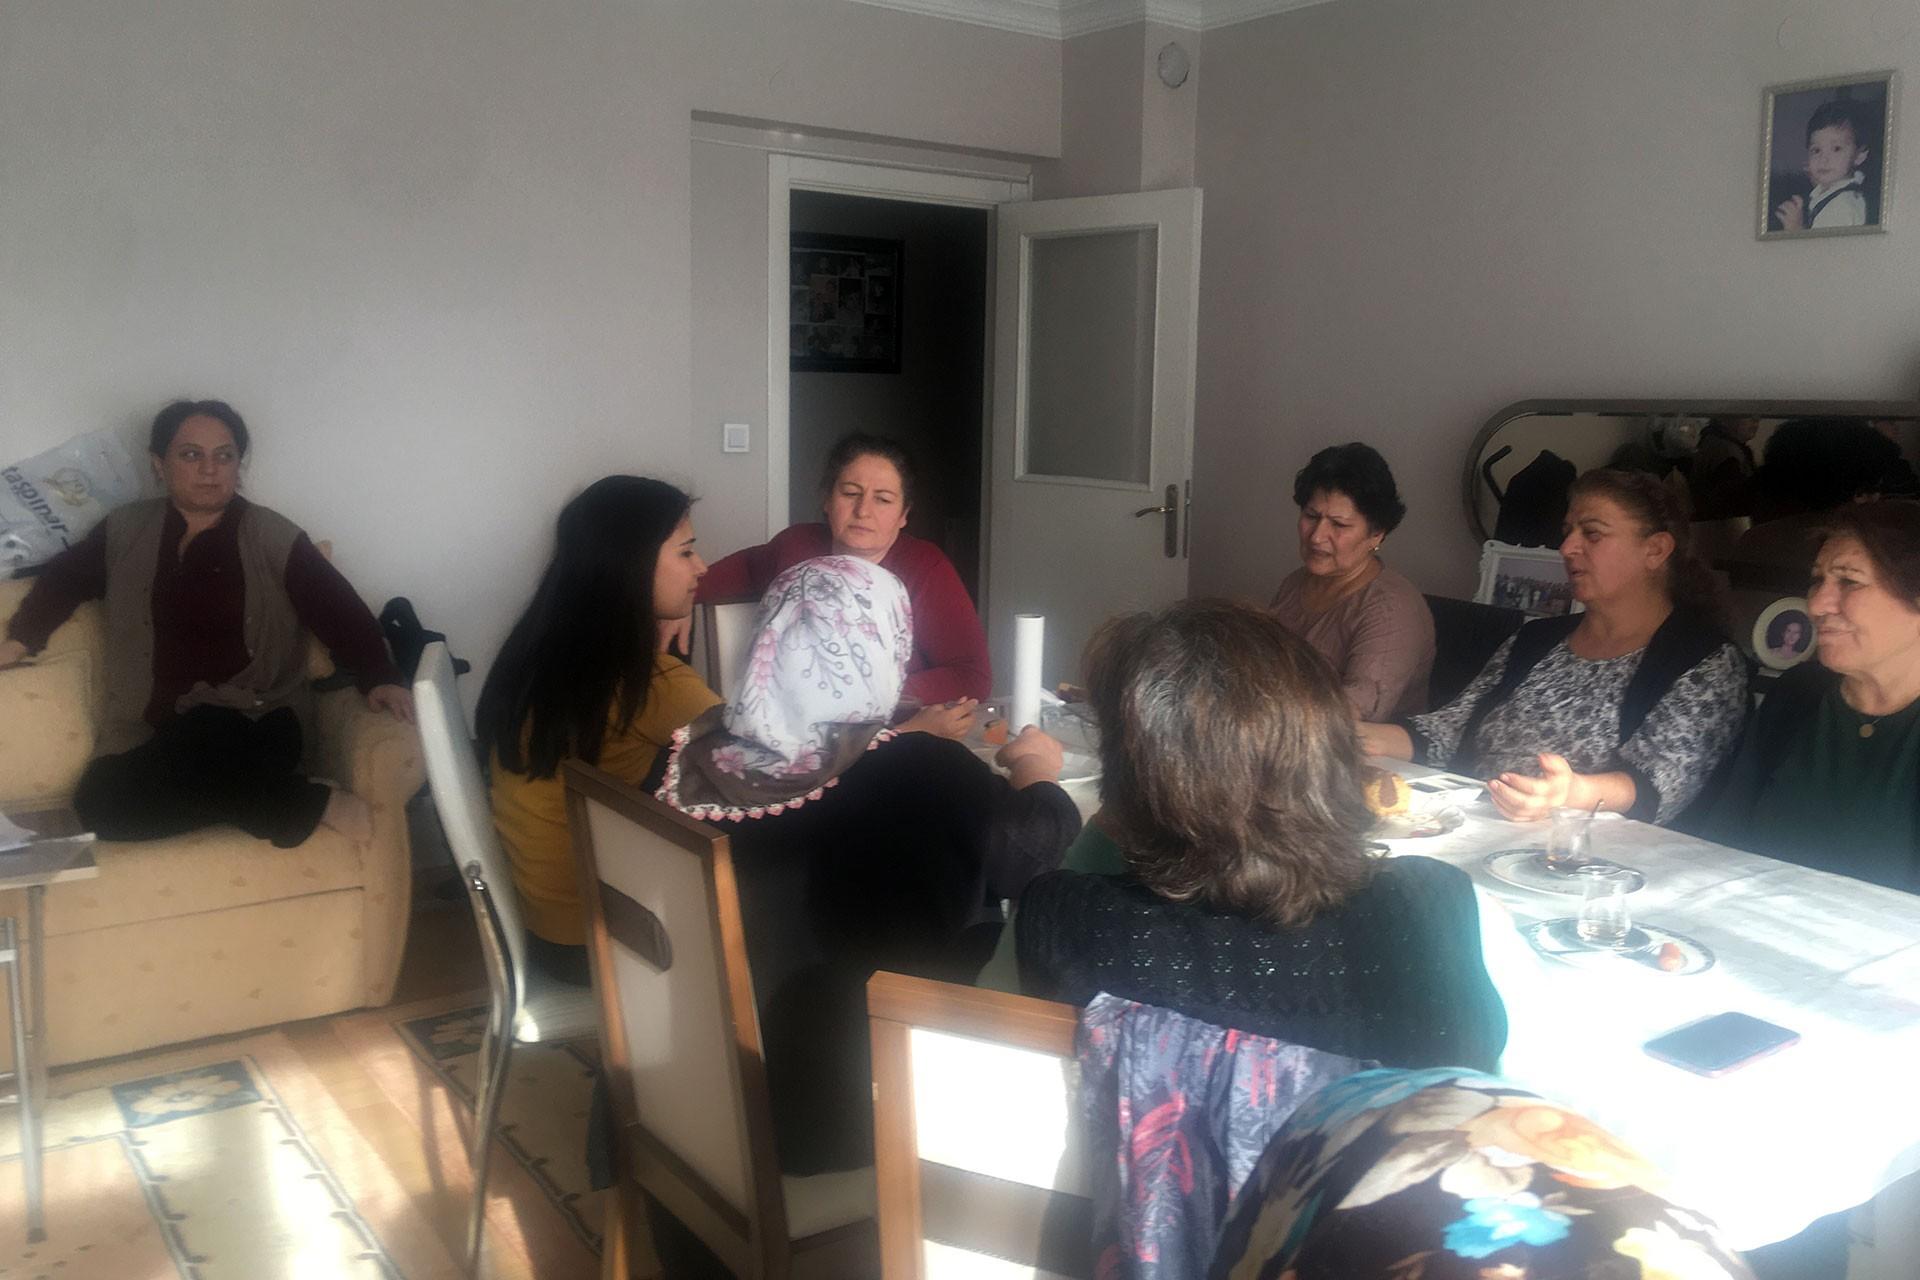 Masa başında oturan ve sohbet eden kadınlar.